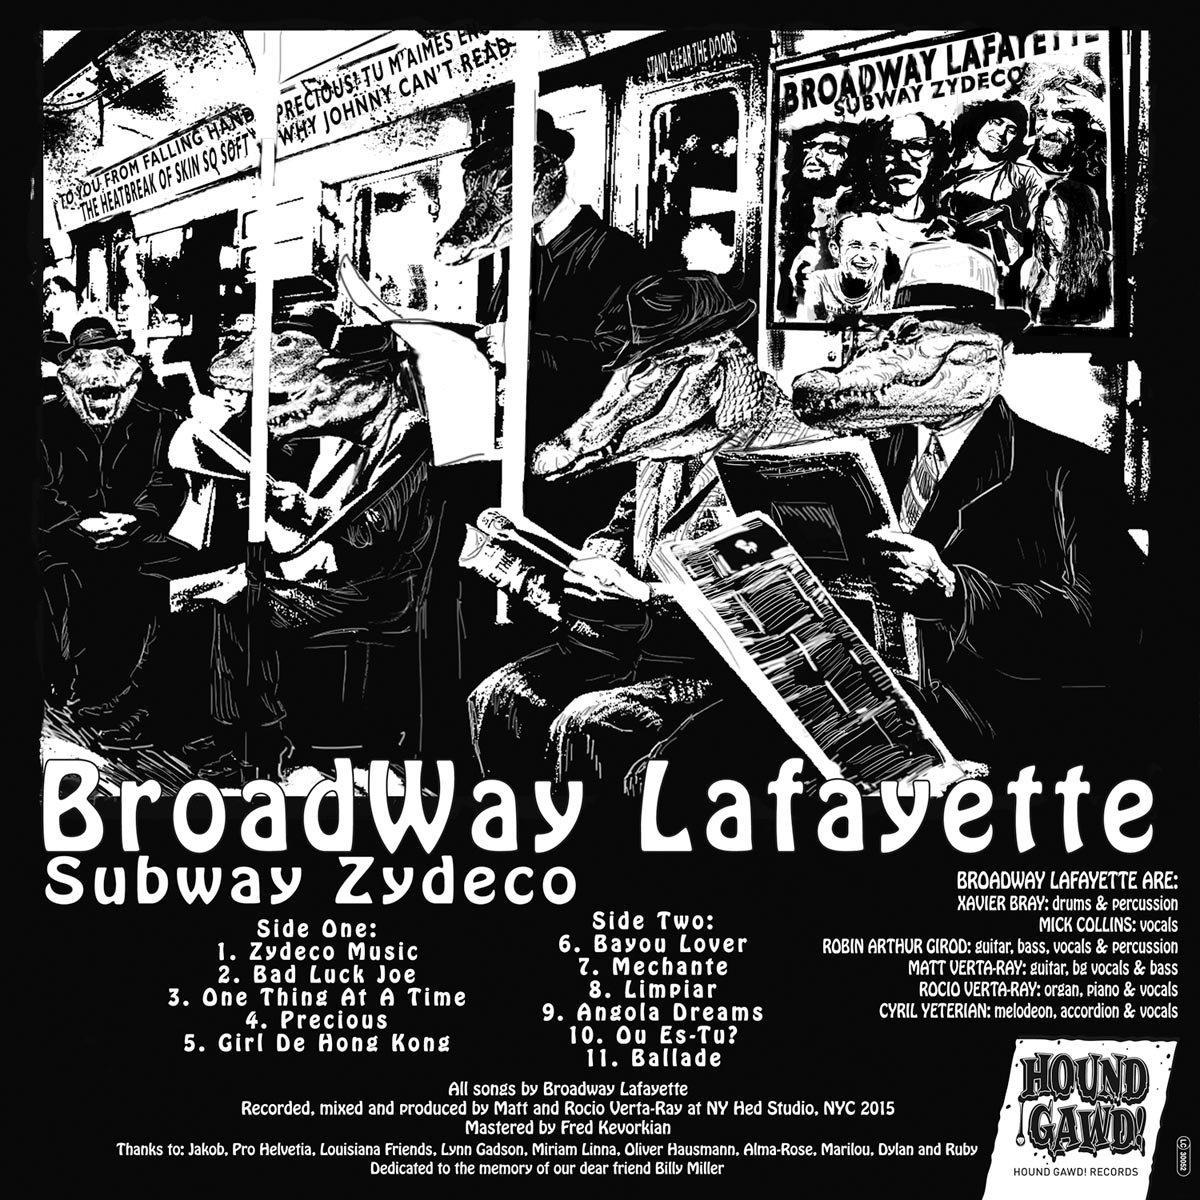 """Résultat de recherche d'images pour """"broadway lafayette subway zydeco cd"""""""